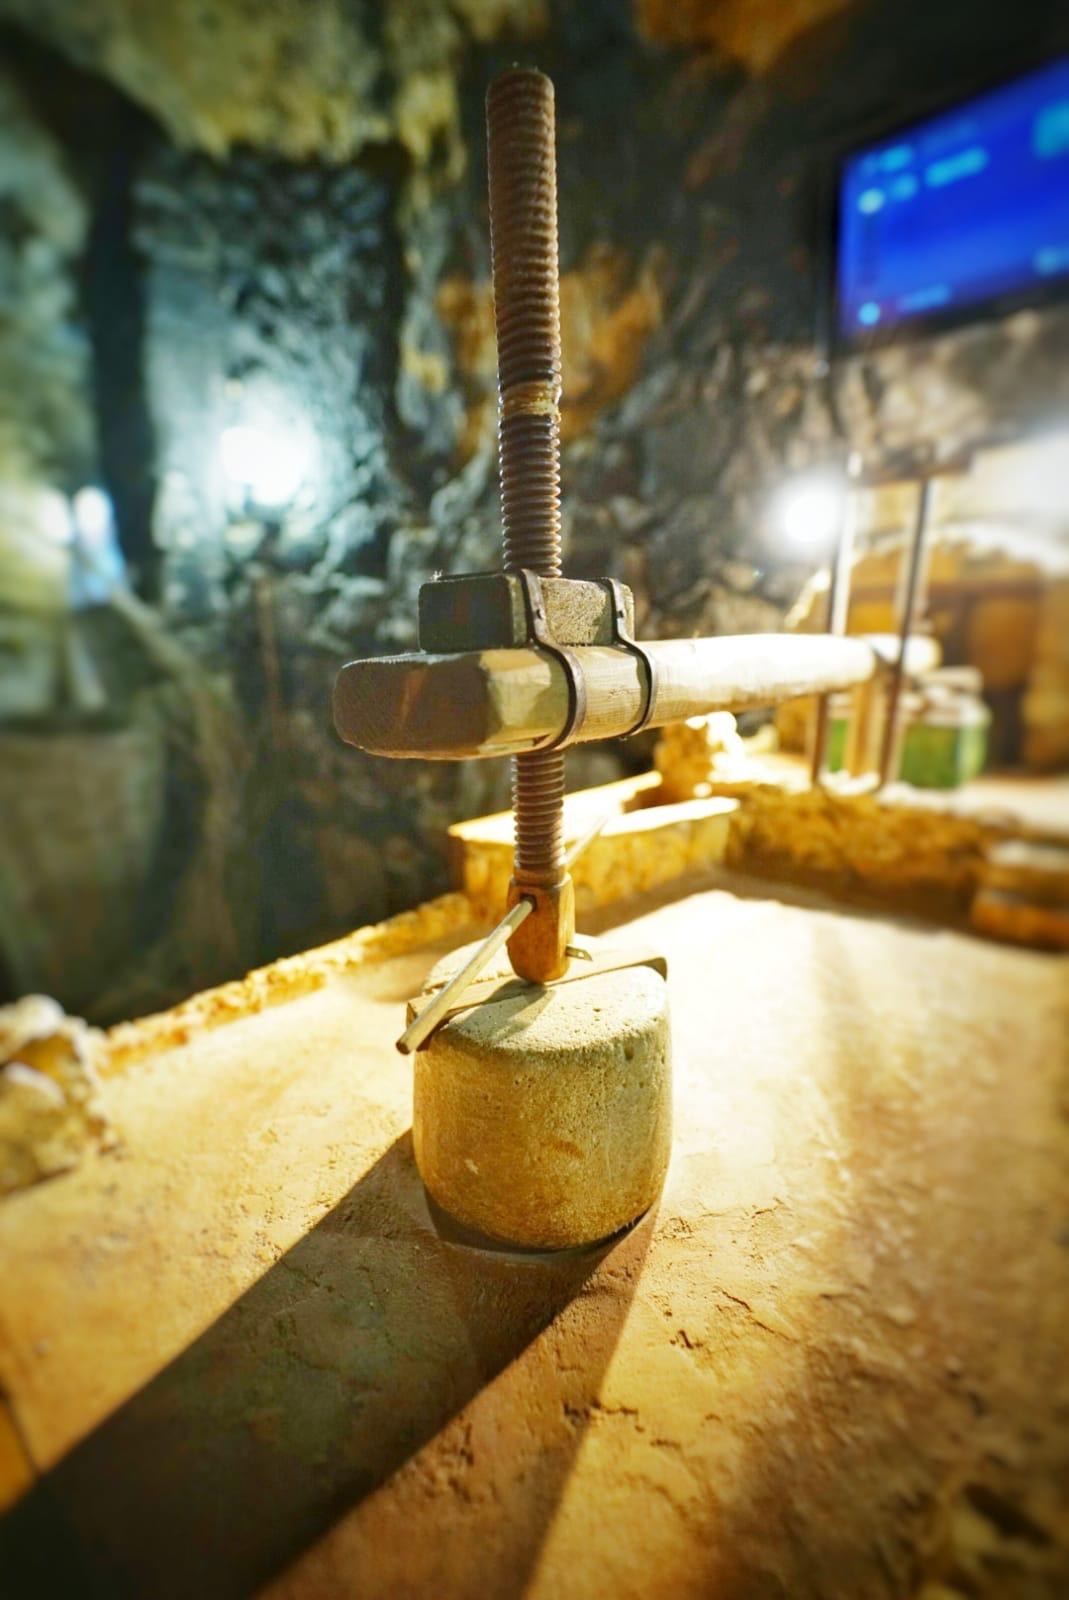 Bodega - Aula de Interpretación (Museo del Vino)